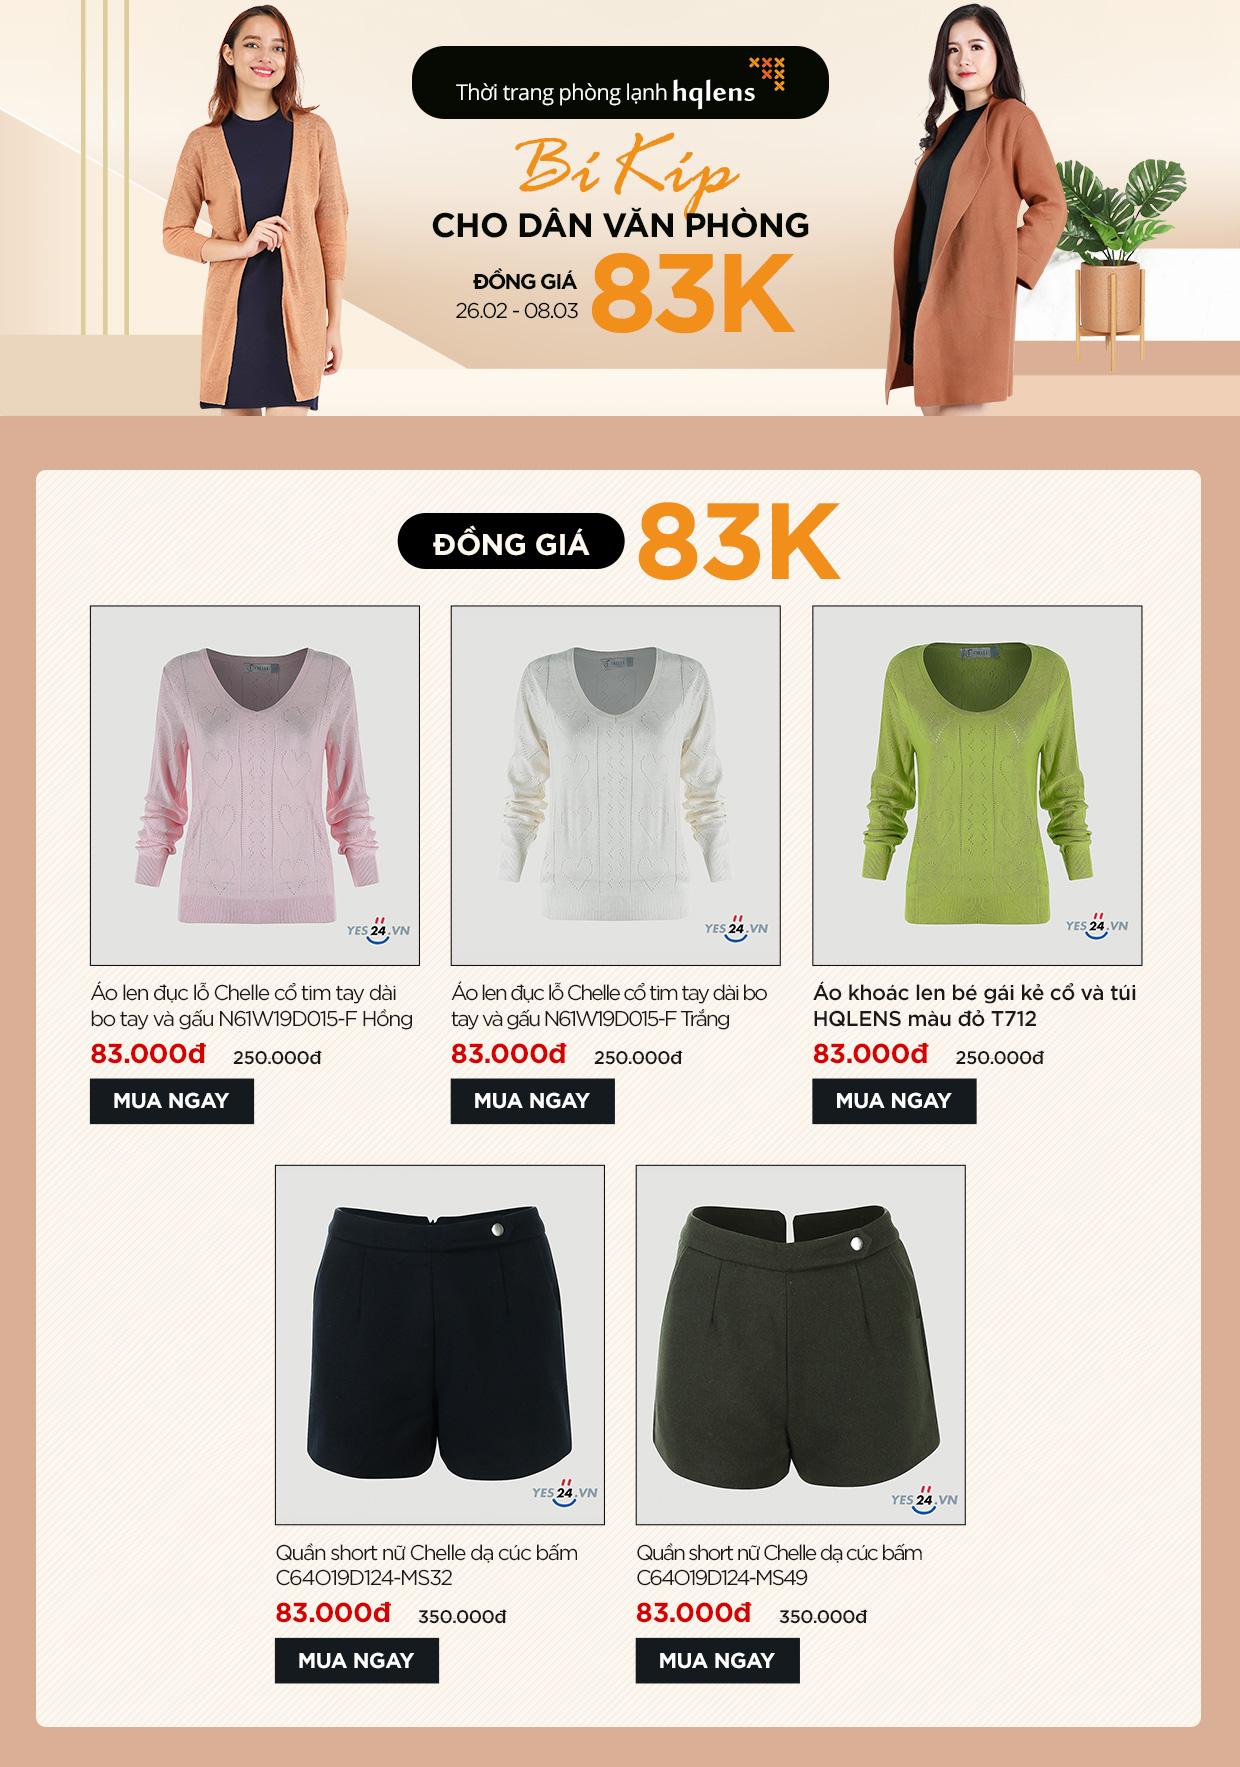 Thời trang len HQLENS khuyến mãi giảm giá